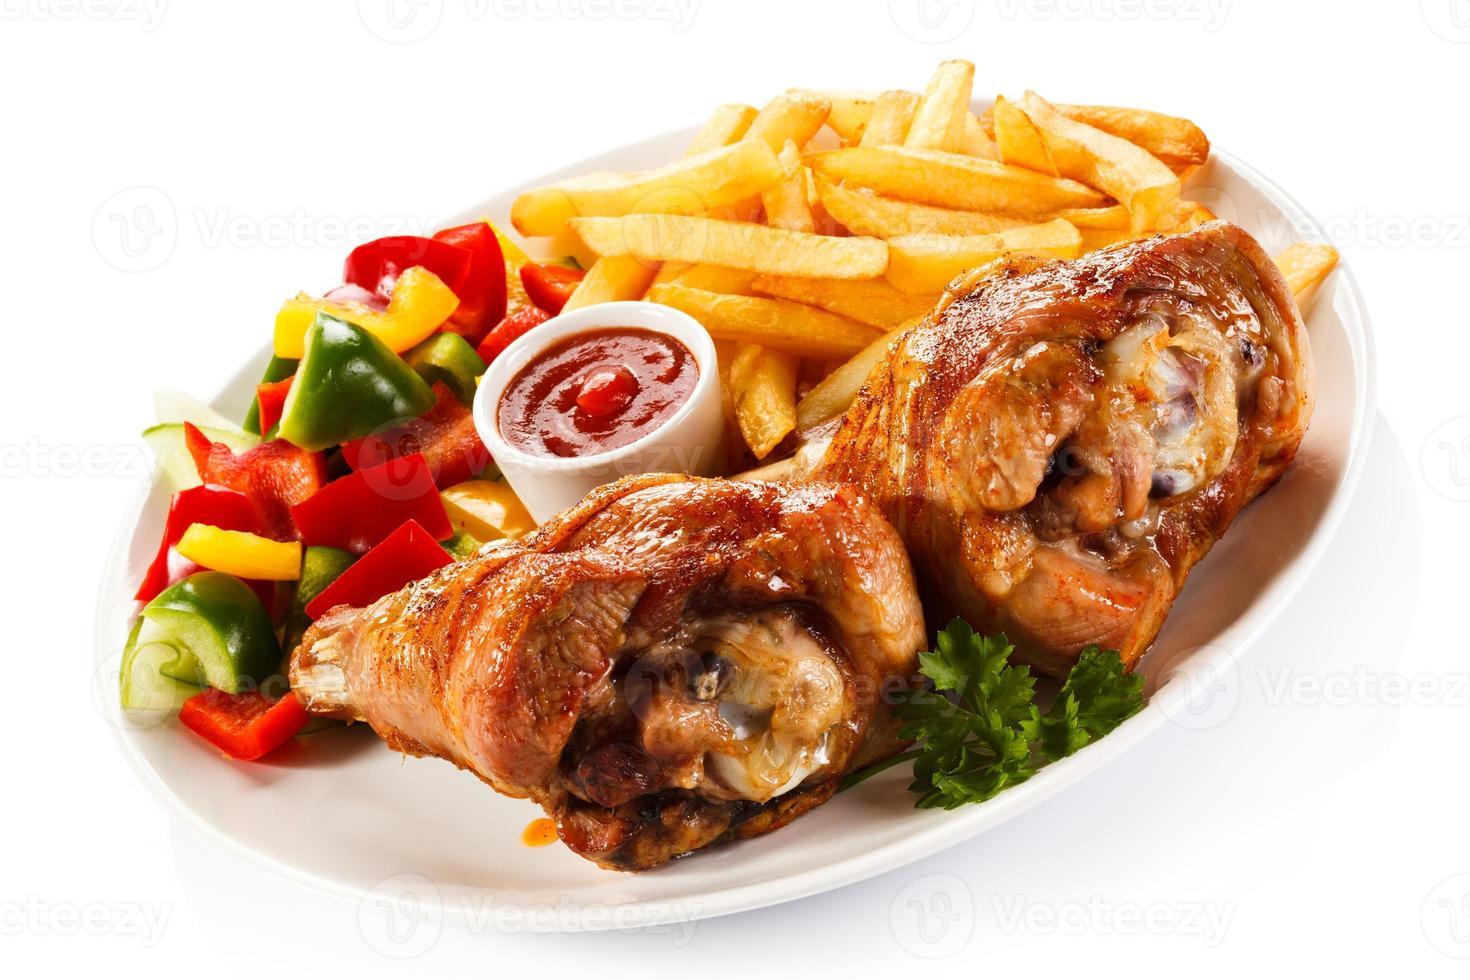 coxa de peru assada, batata frita e legumes foto